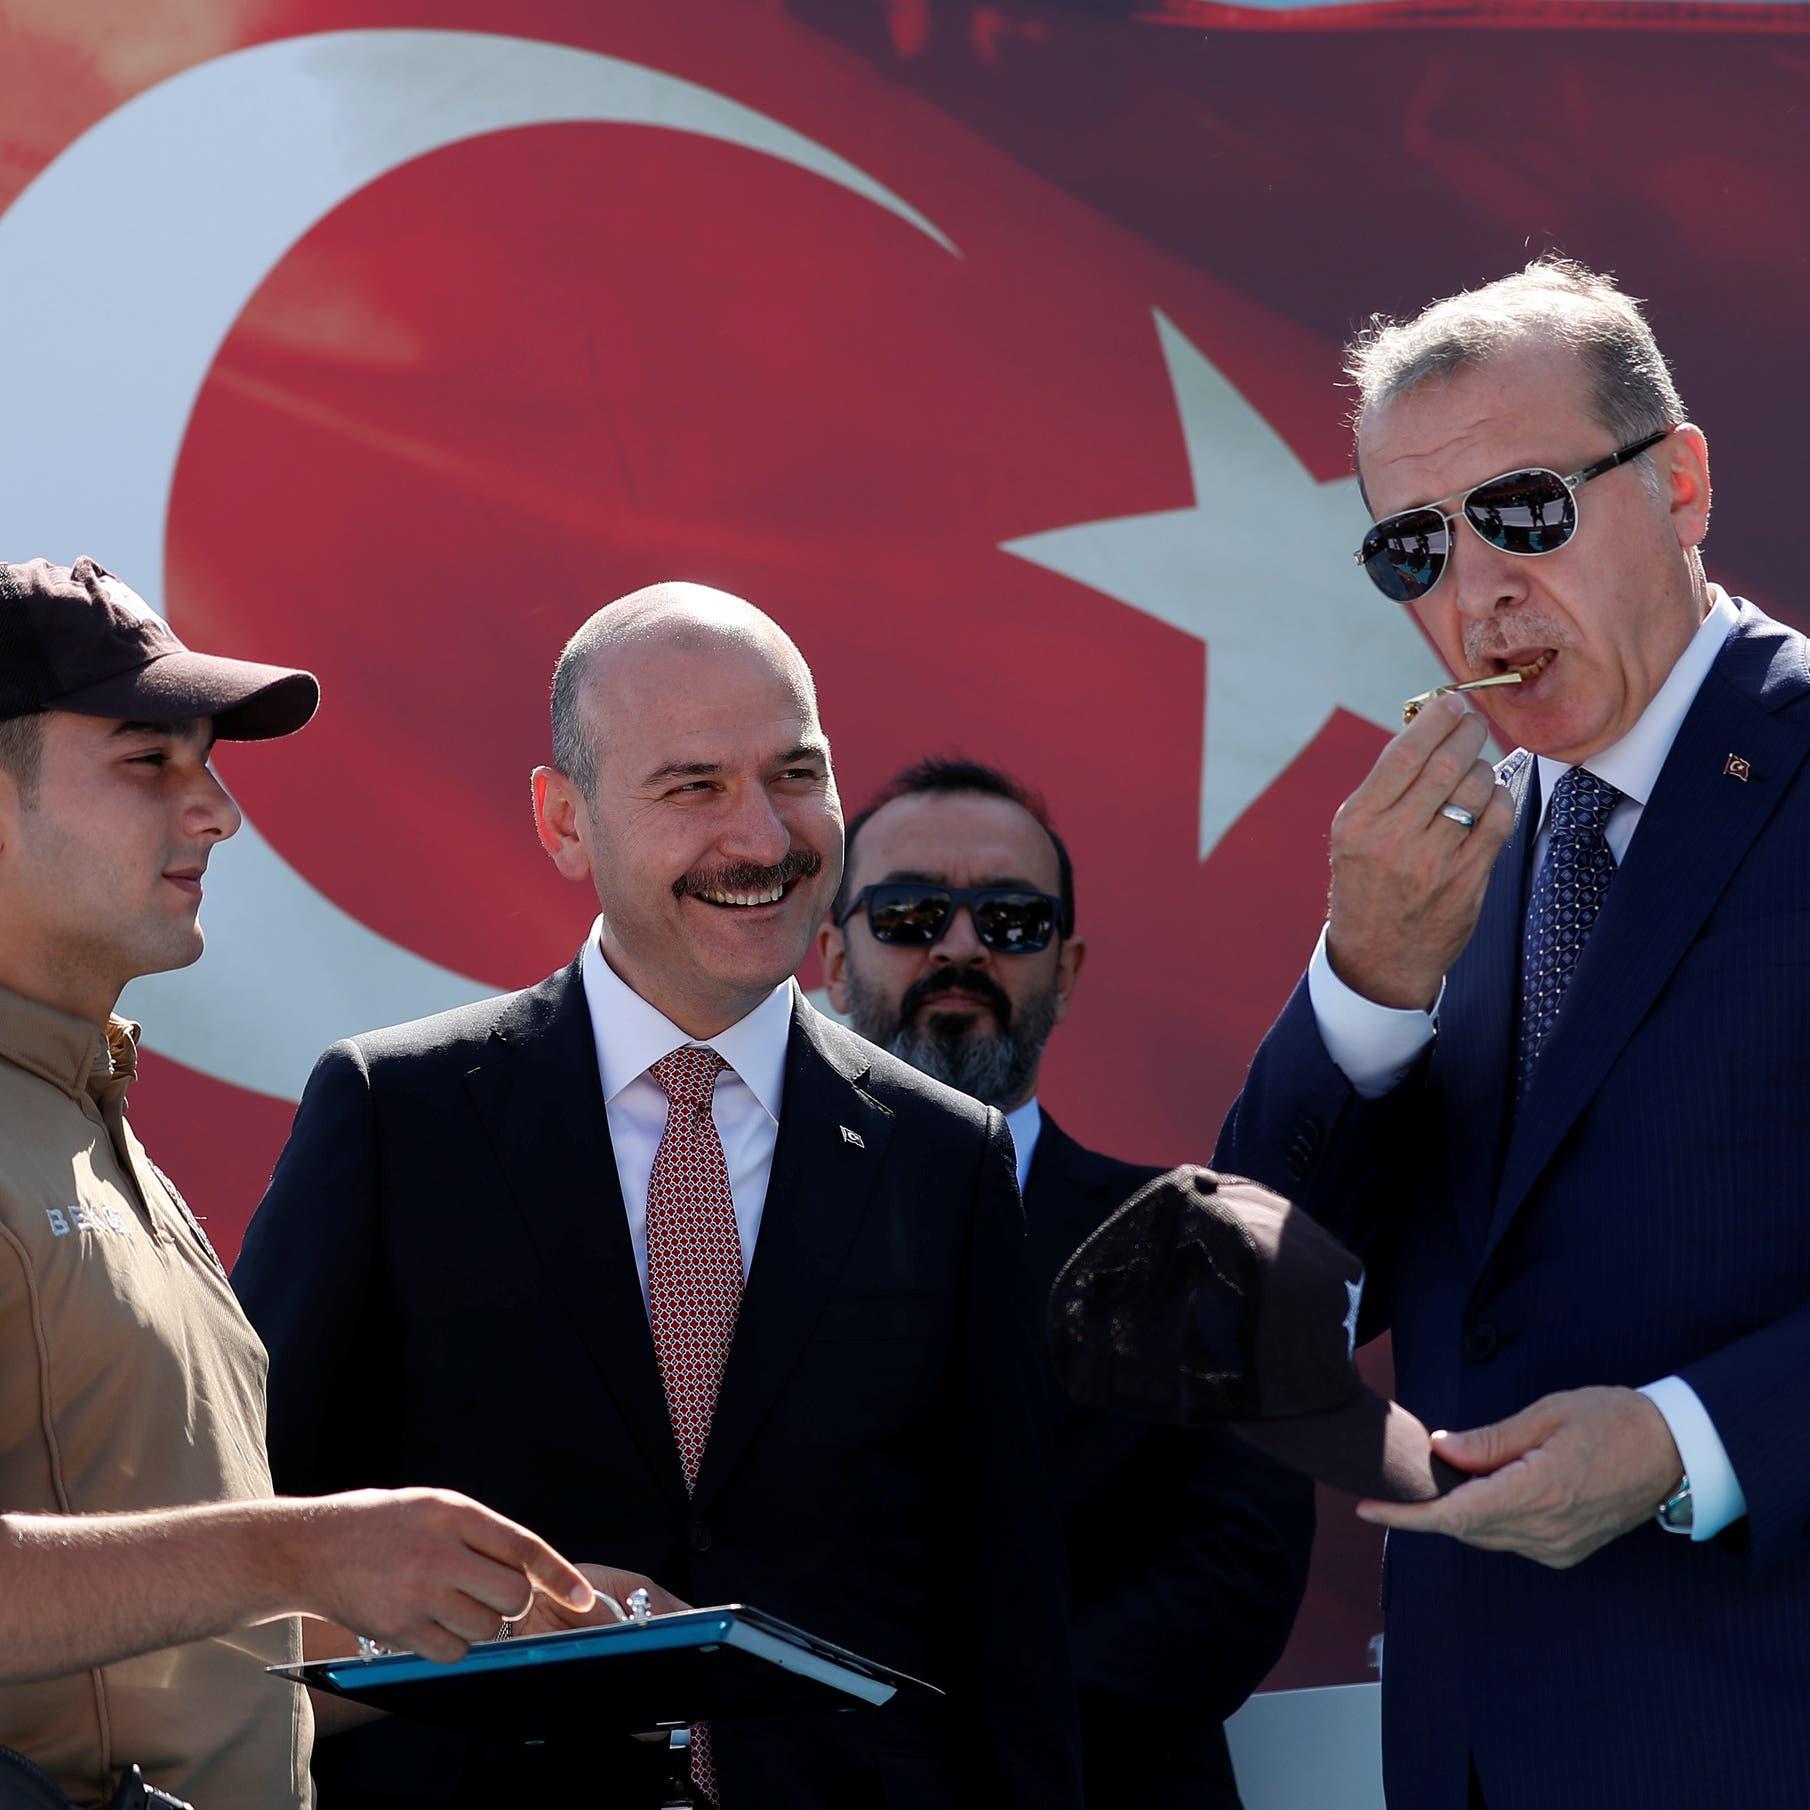 وسط أزمة مالية.. حكومة أردوغان تترنح